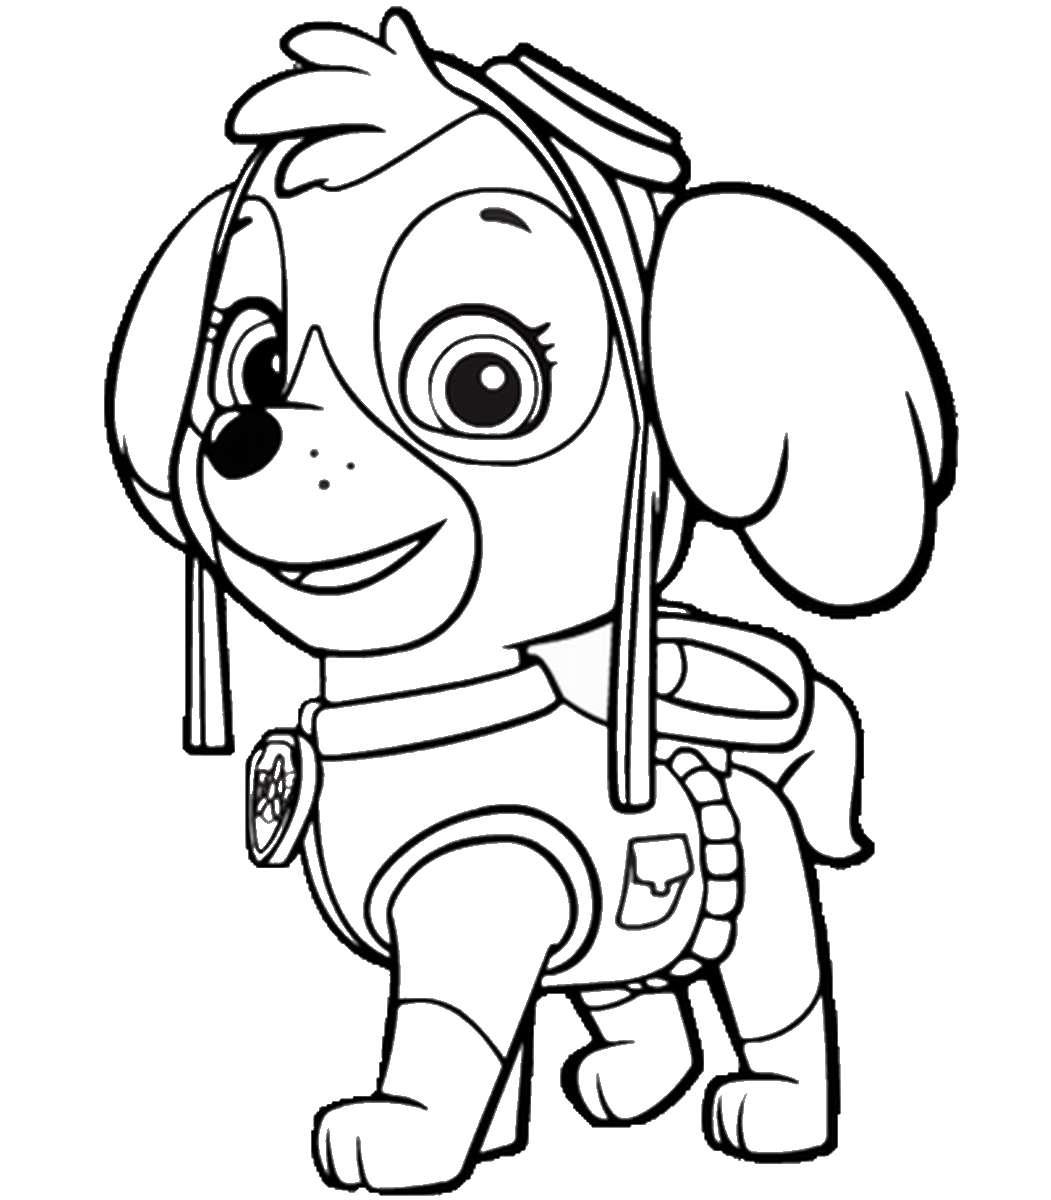 dibujos-divertidos-patrulla-canina